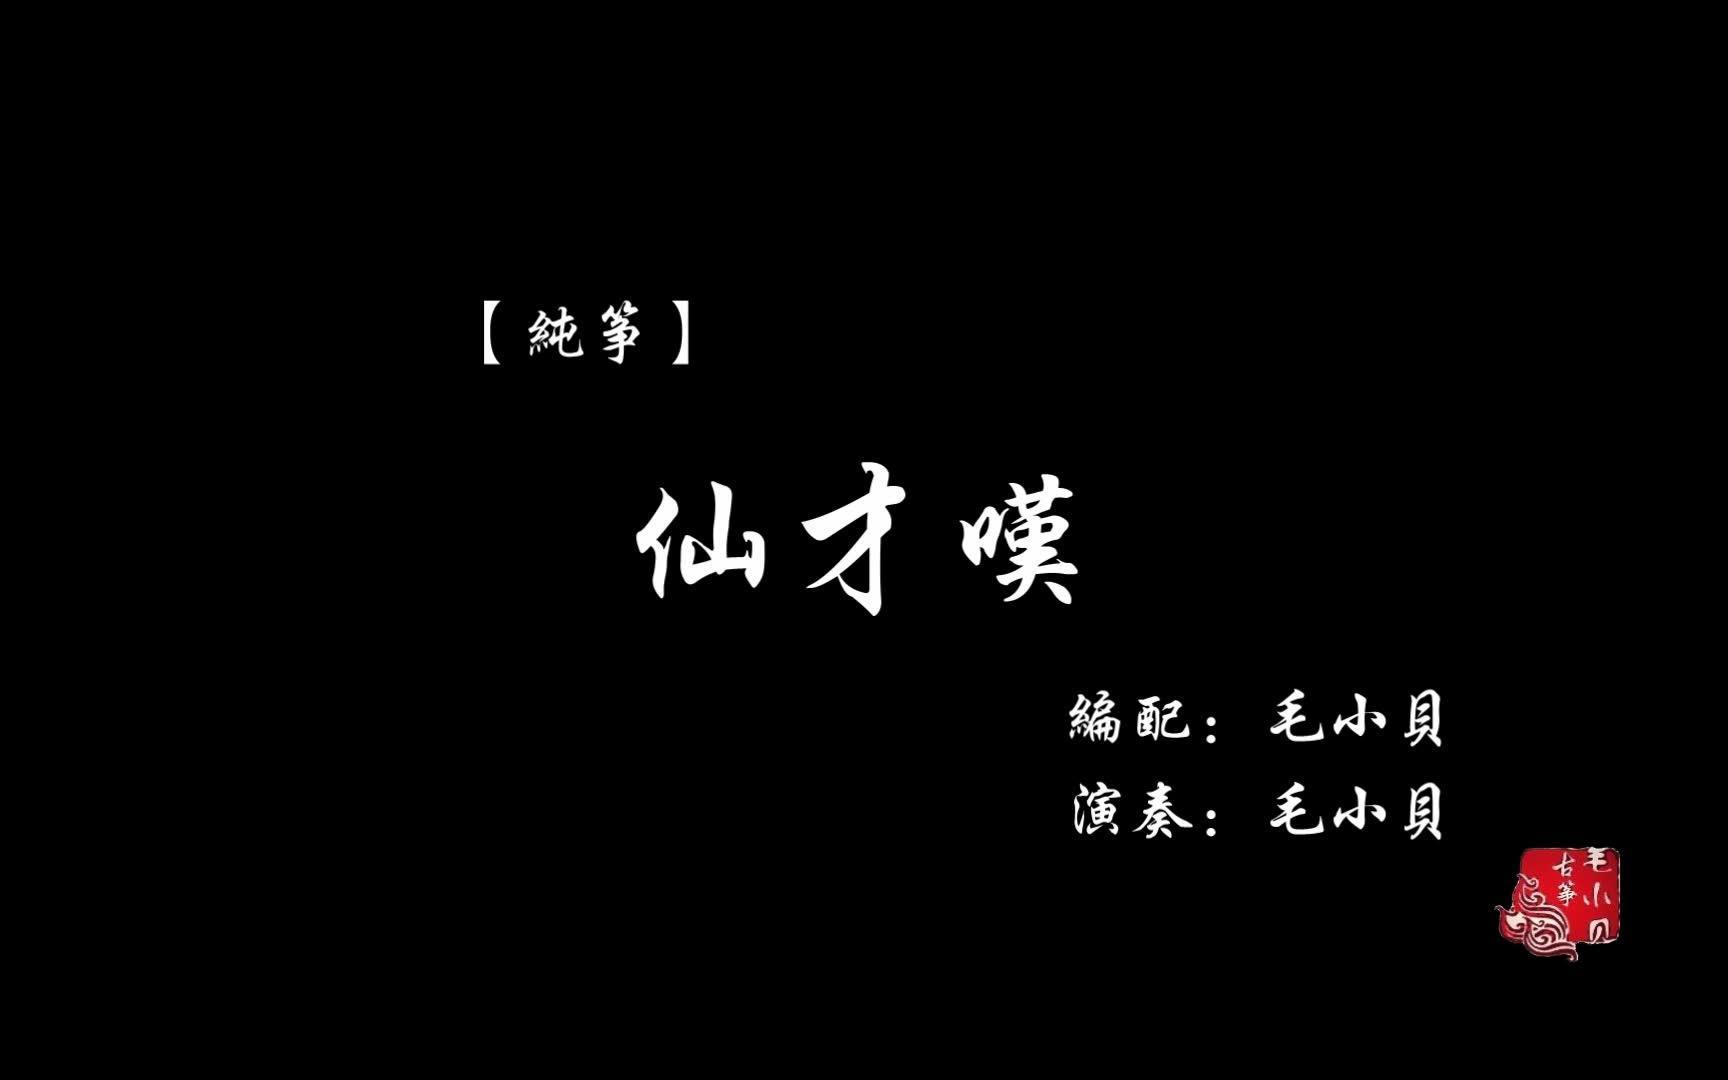 【纯筝】仙才叹